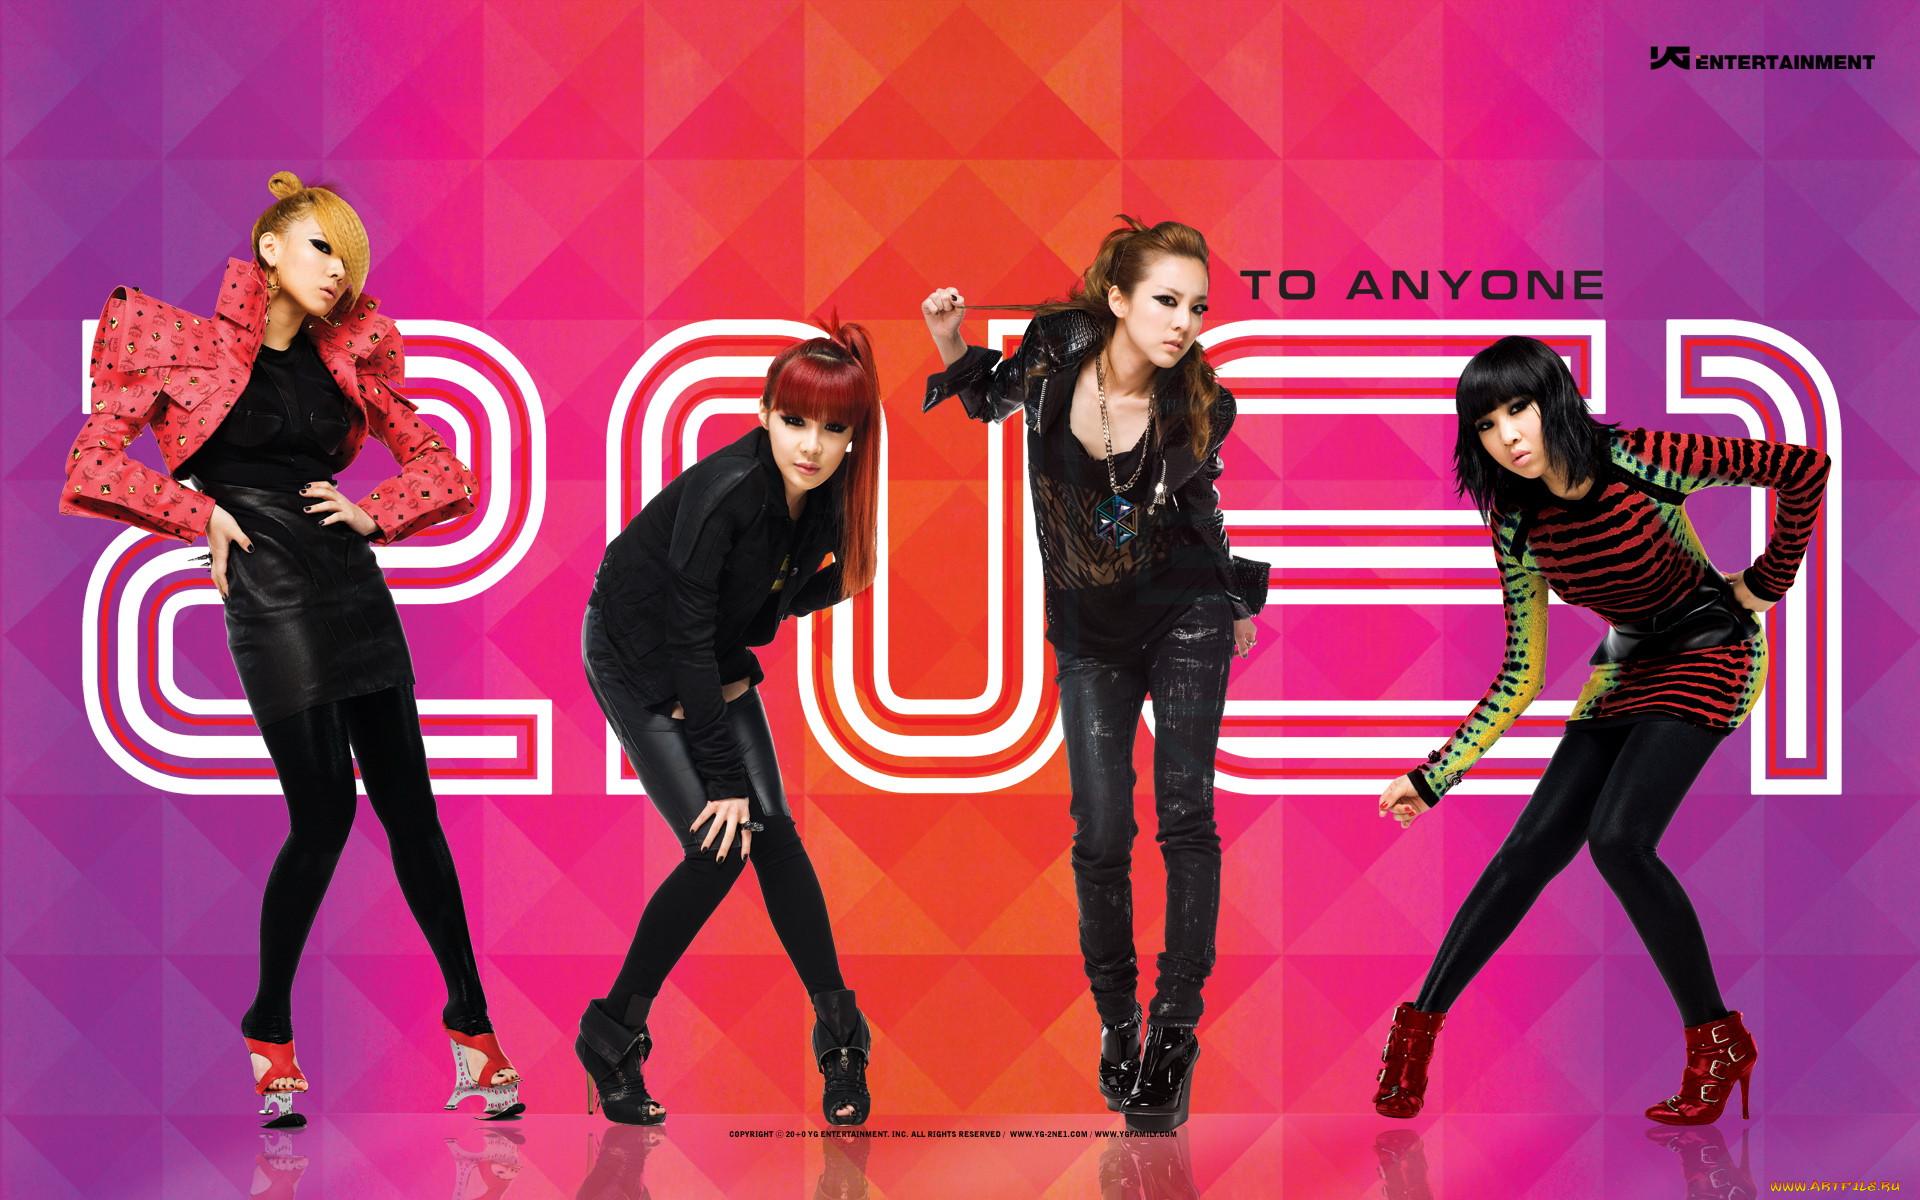 К-pop: почему корейская поп-музыка покоряет западный мир